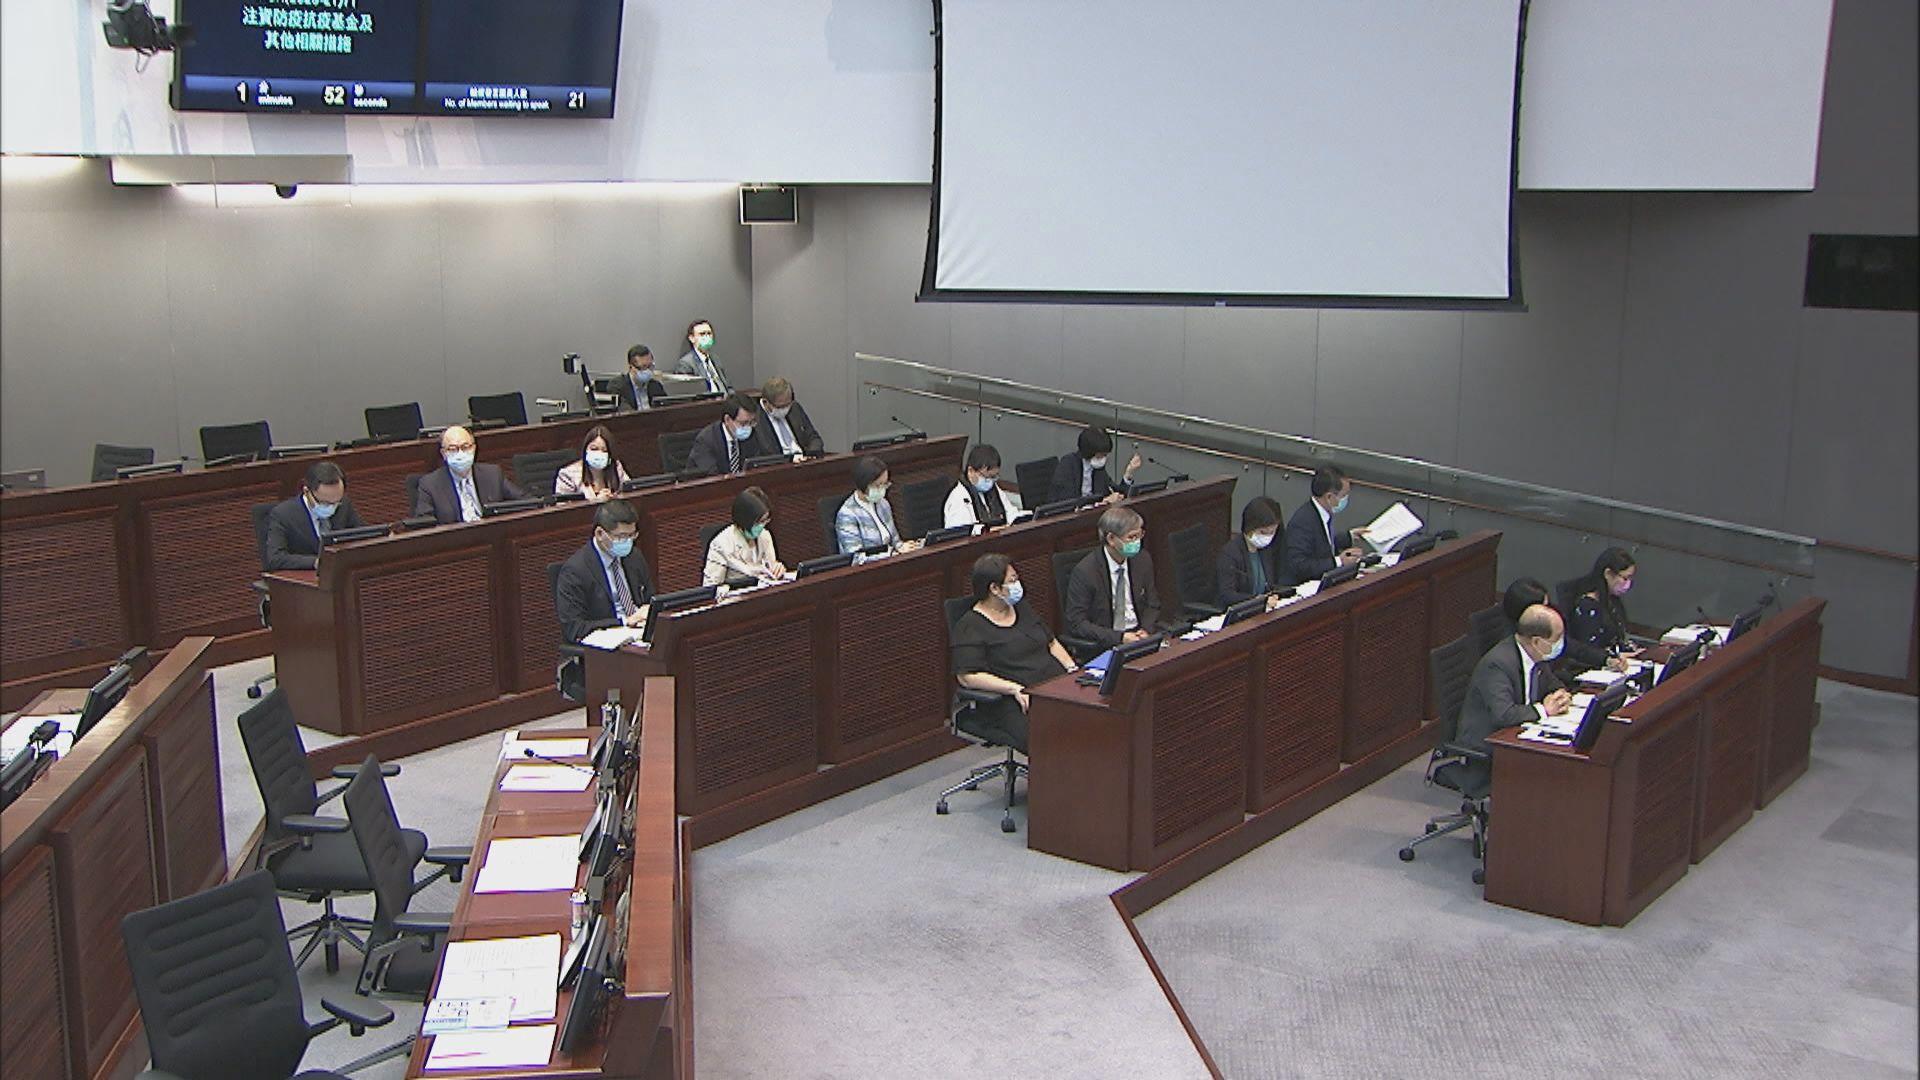 立法會財委會審議抗疫撥款申請未表決 周一再續